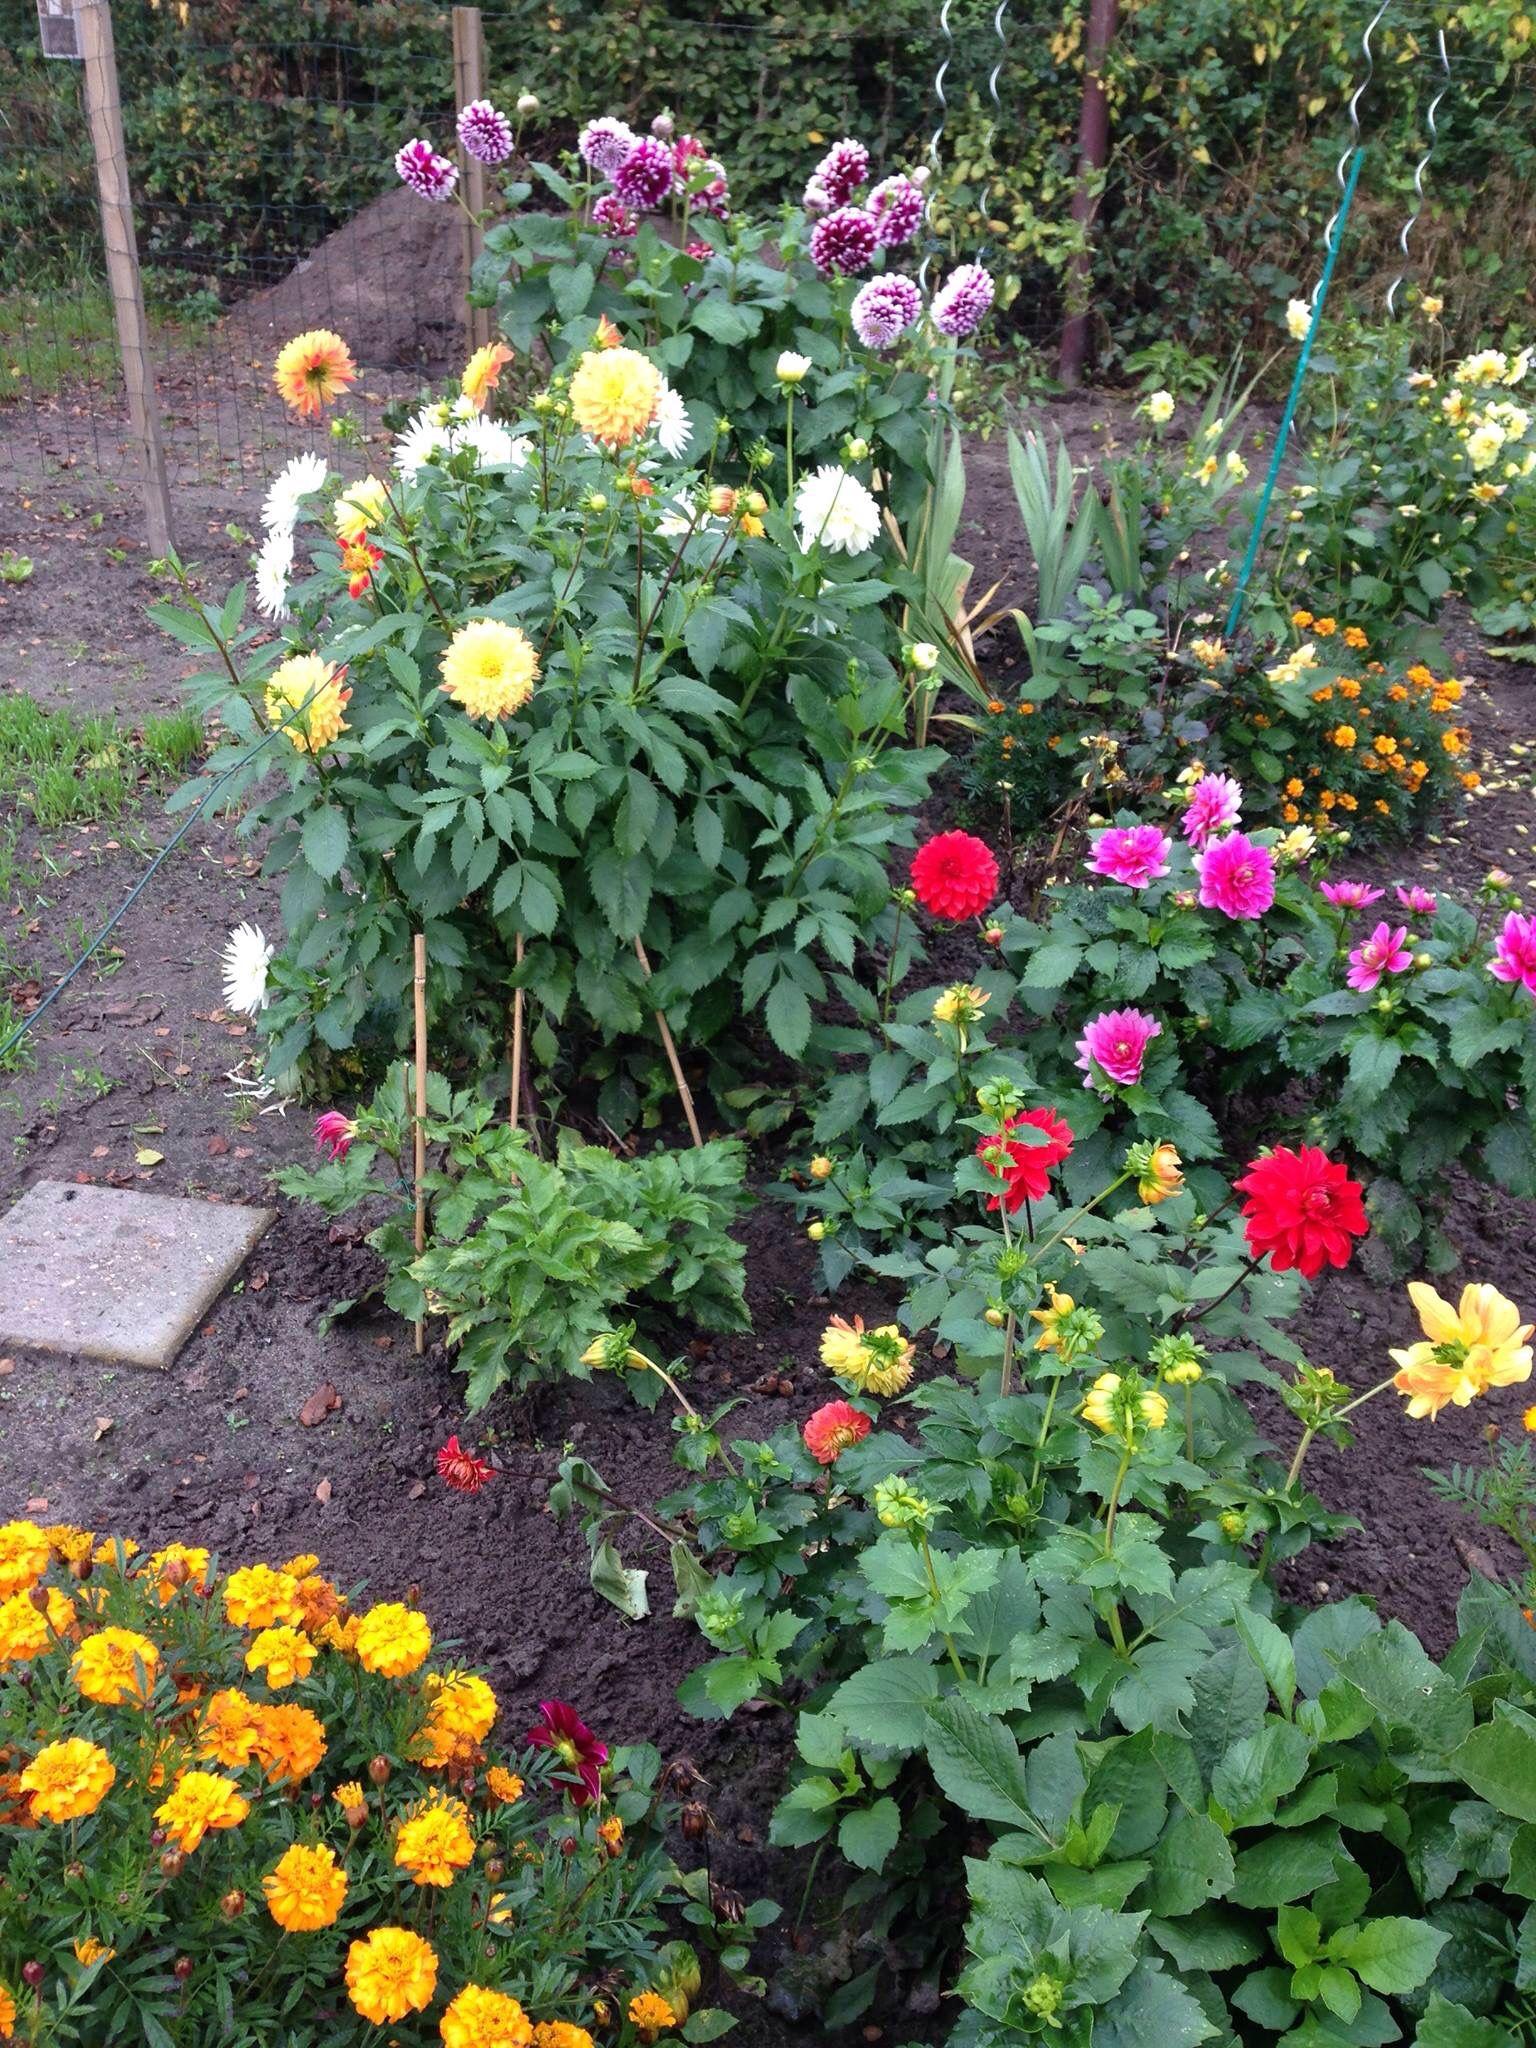 Flower bed flower beds zinnias flowers